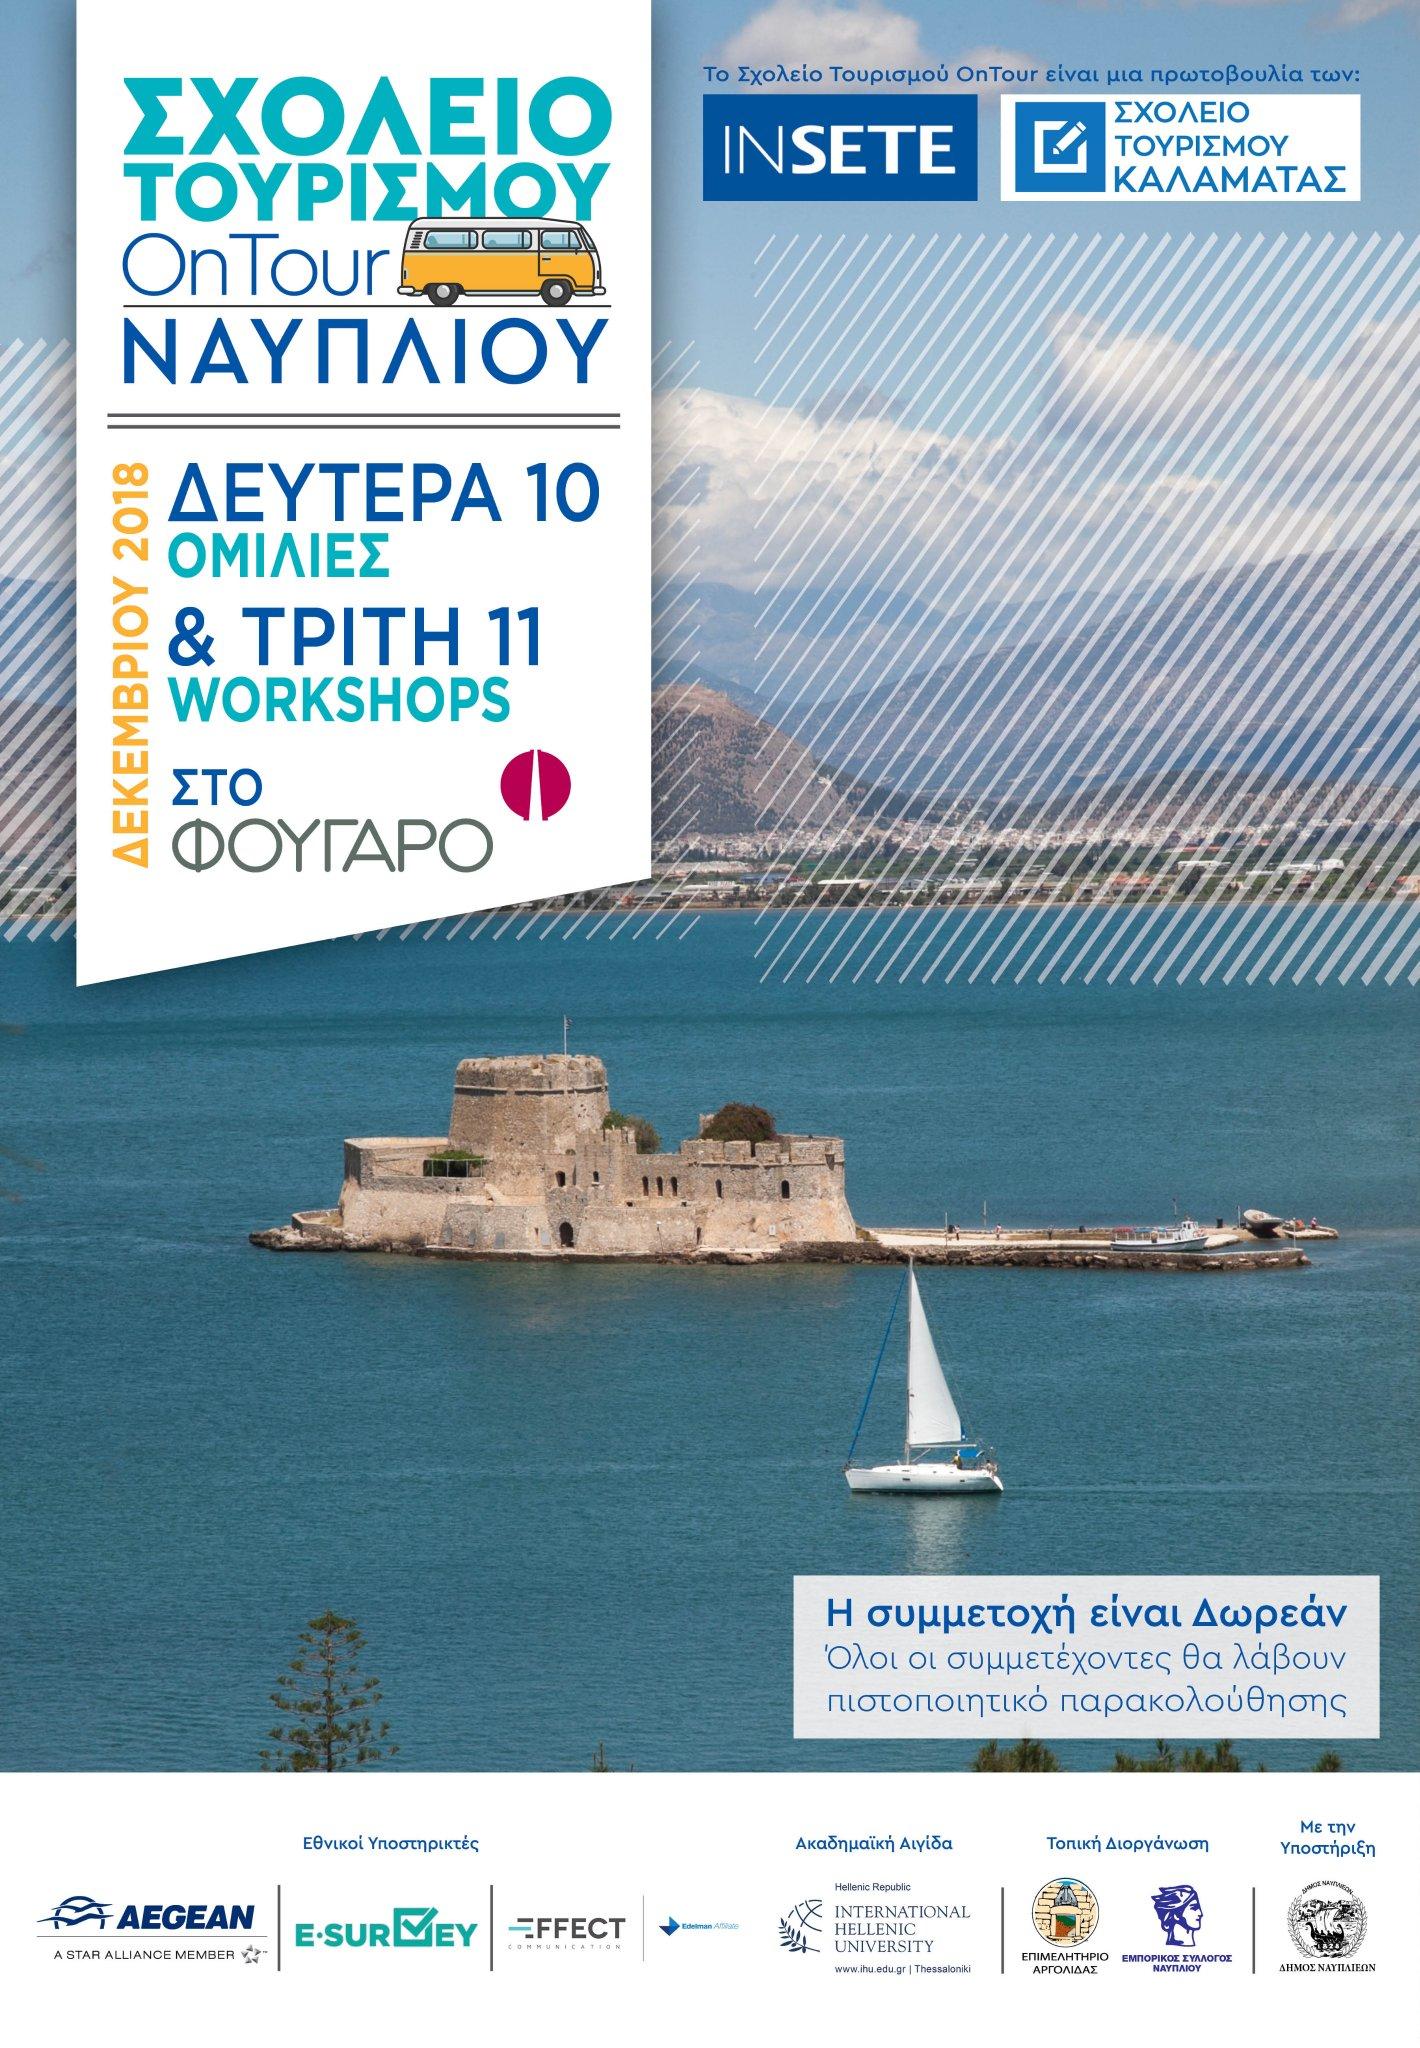 Αφίσα Σχολείου Τουρισμού OnTour Ναυπλίου